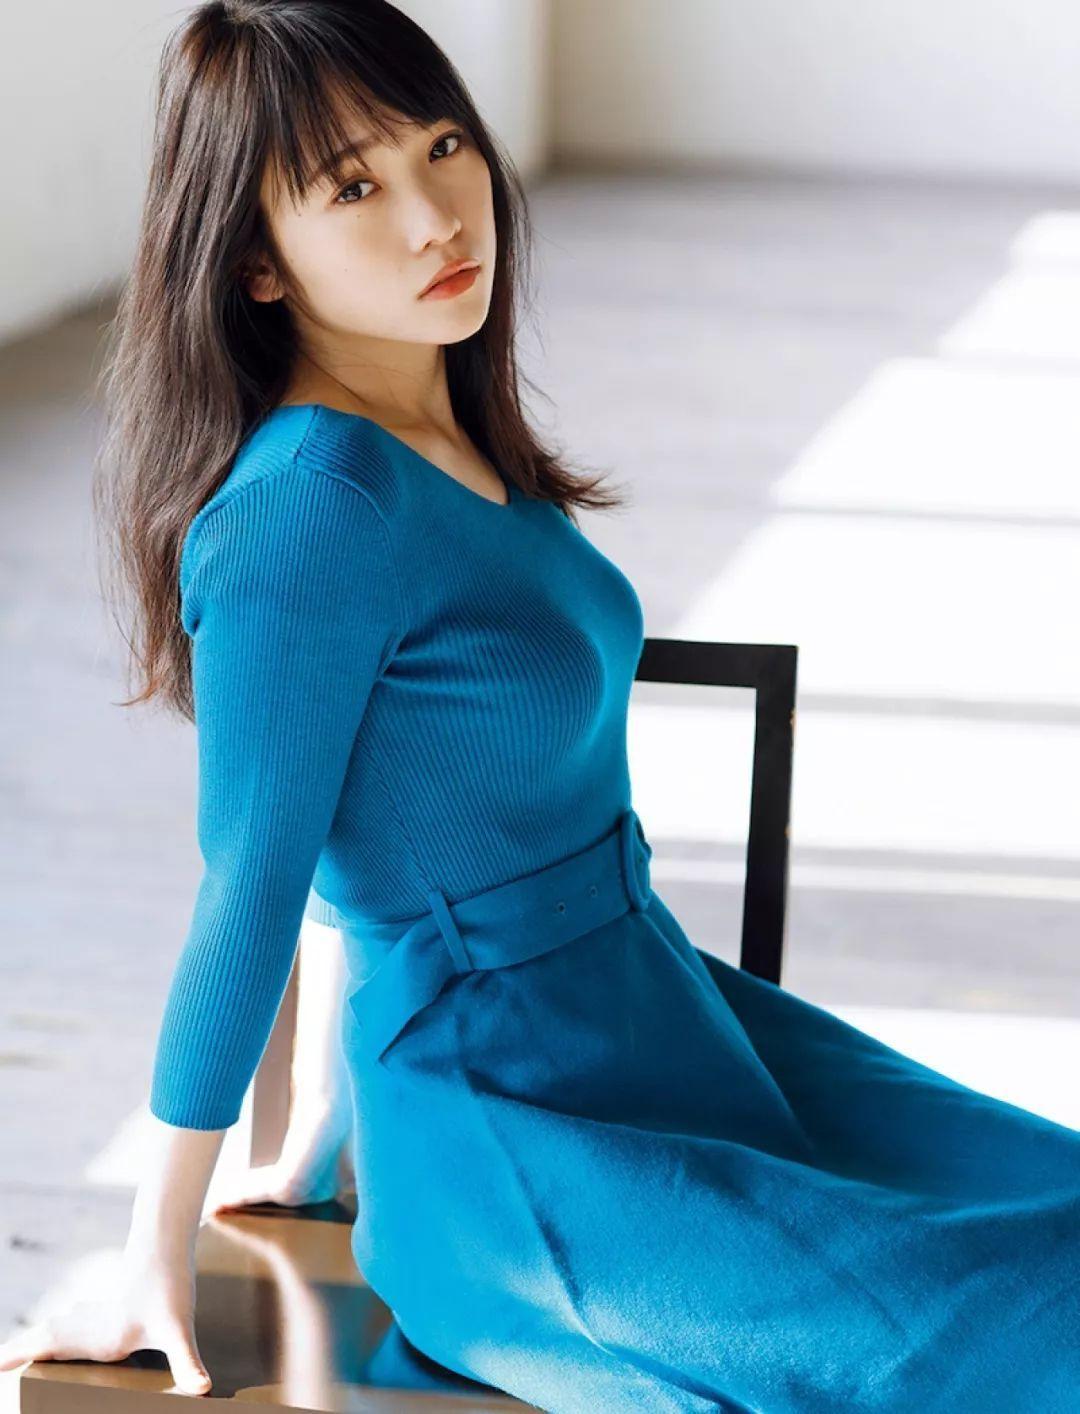 川荣李奈「初次展现、自我魅力。」